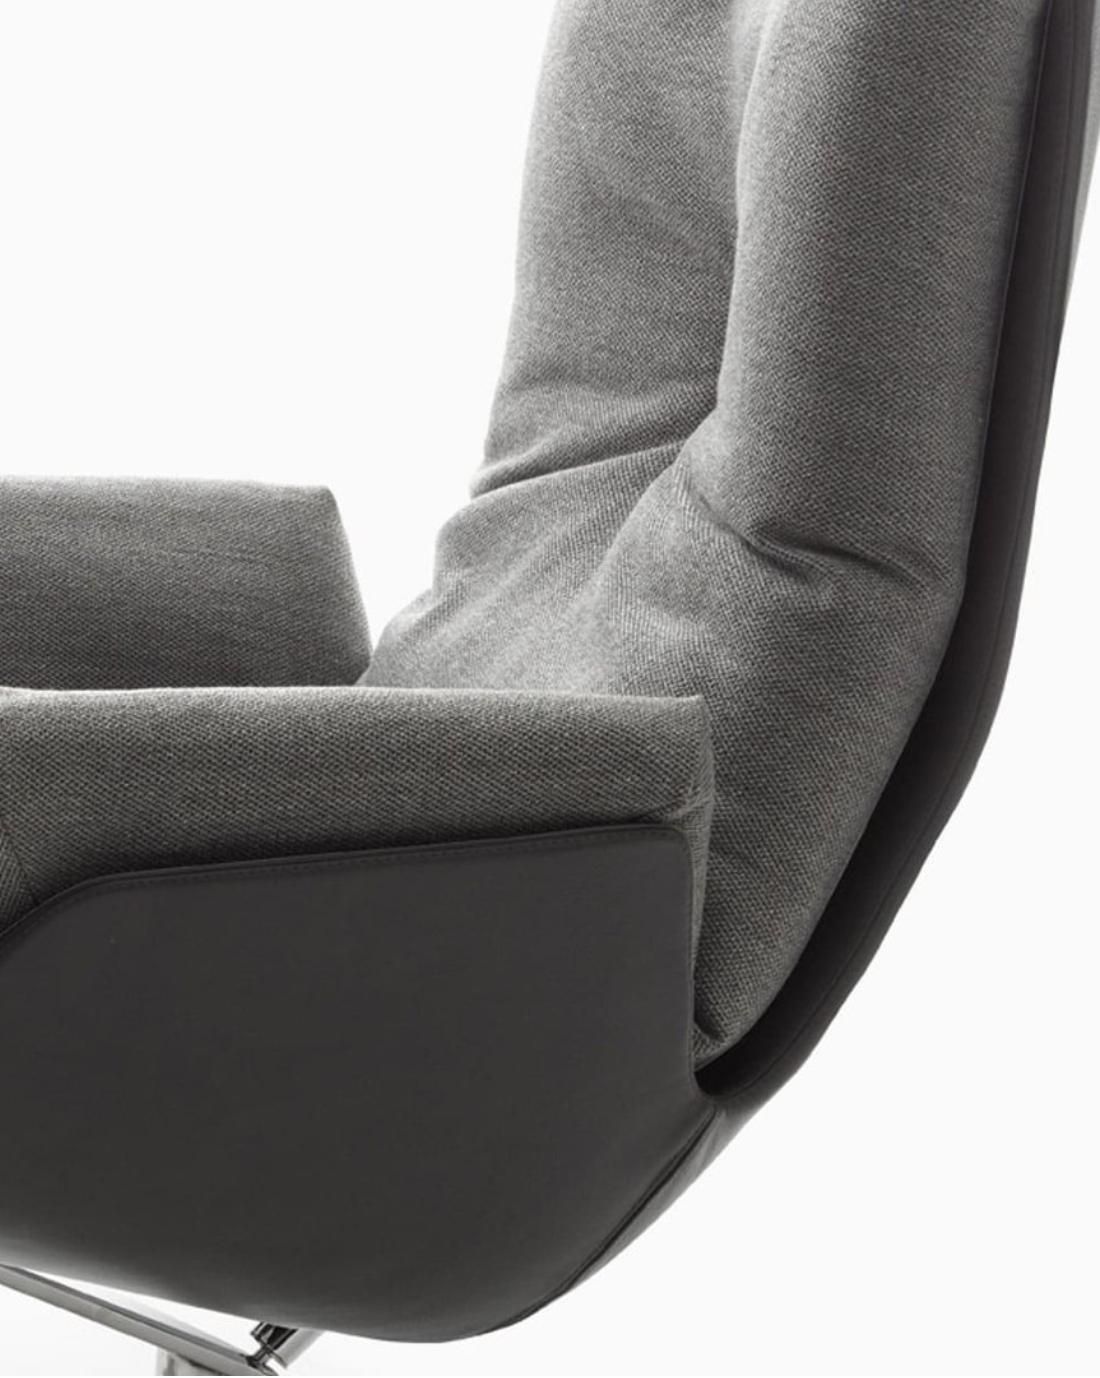 Cor Cordia Lounge fauteuil door Jehs en Laub  in onze toonzaal Zoutleeuw Hasselt Leuven Brussels Mechelen Limburg Wavre Liege Namur Loncin designmeubelwinkel officiële verdeler van COr zetelmerk leder.png